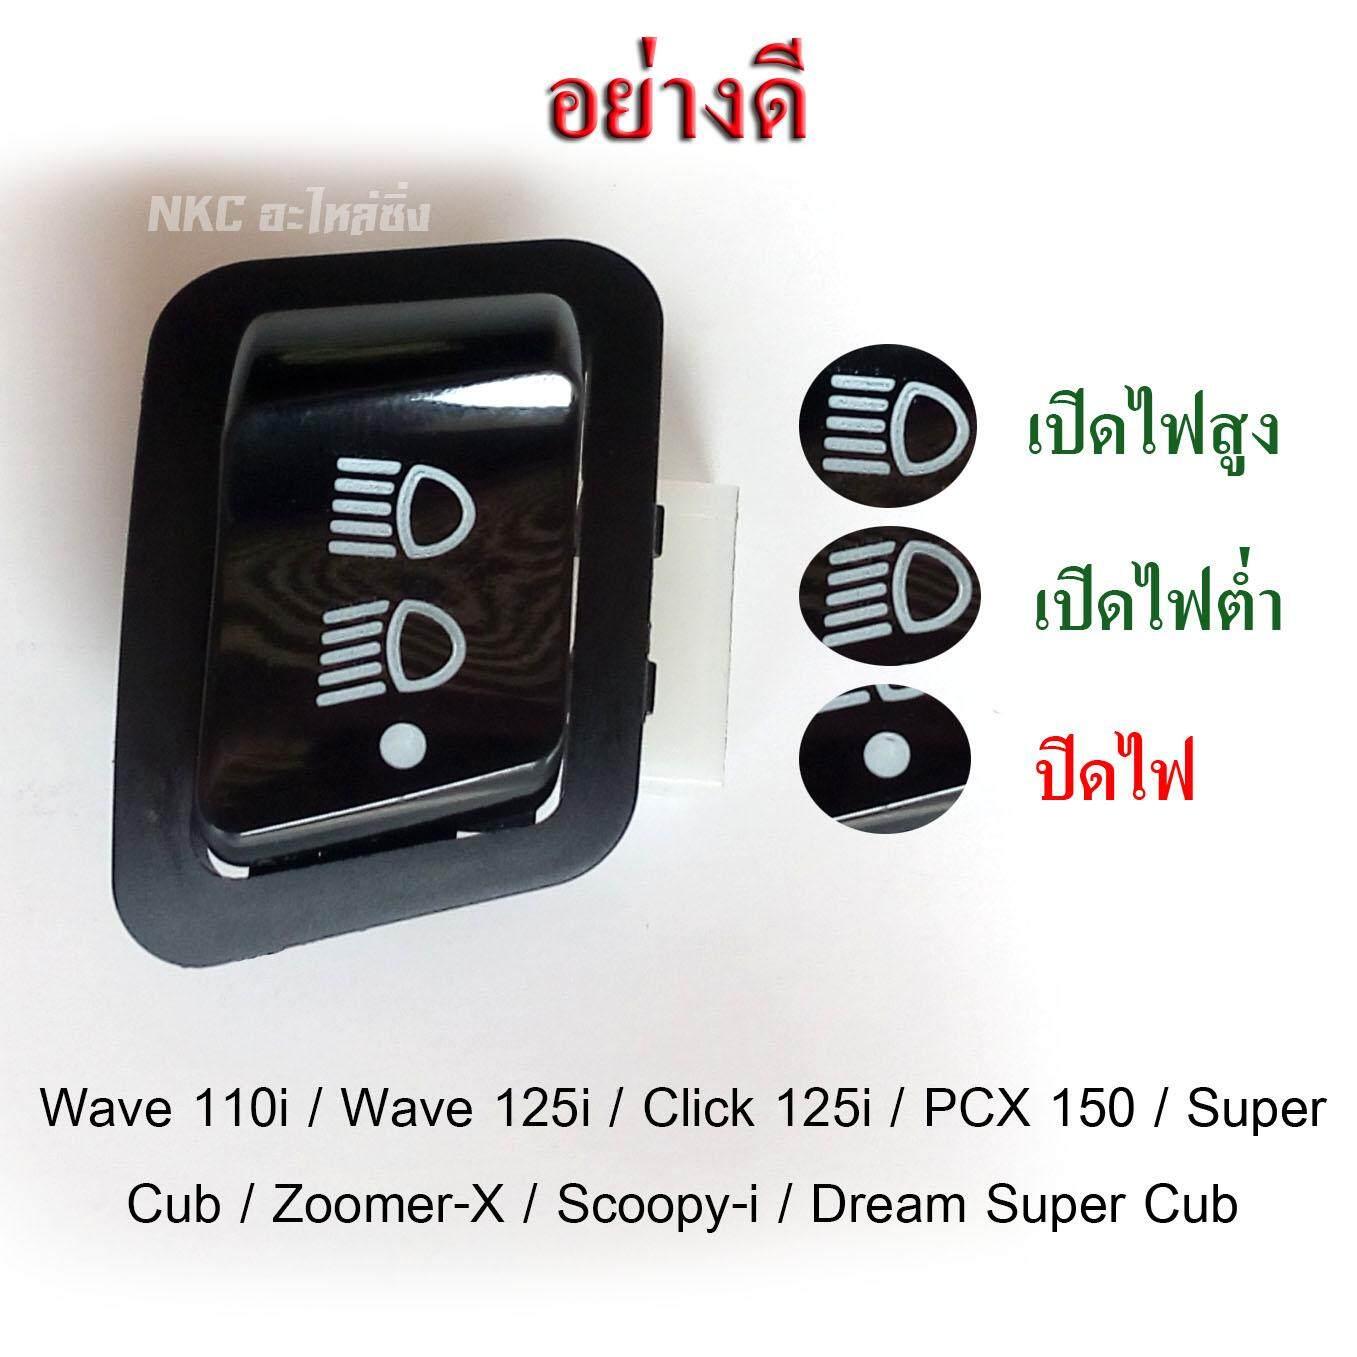 สวิทซ์ไฟหน้า สวิตซ์ไฟ 3 สเต็ป Wave 110i / Wave 125i / Click 125i / Pcx 150 / Super Cub / Zoomer-X / Scoopy-I / Dream Super Cub (รุ่นที่ไม่ใช่ Led) By Nkc อะไหล่ซิ่ง.